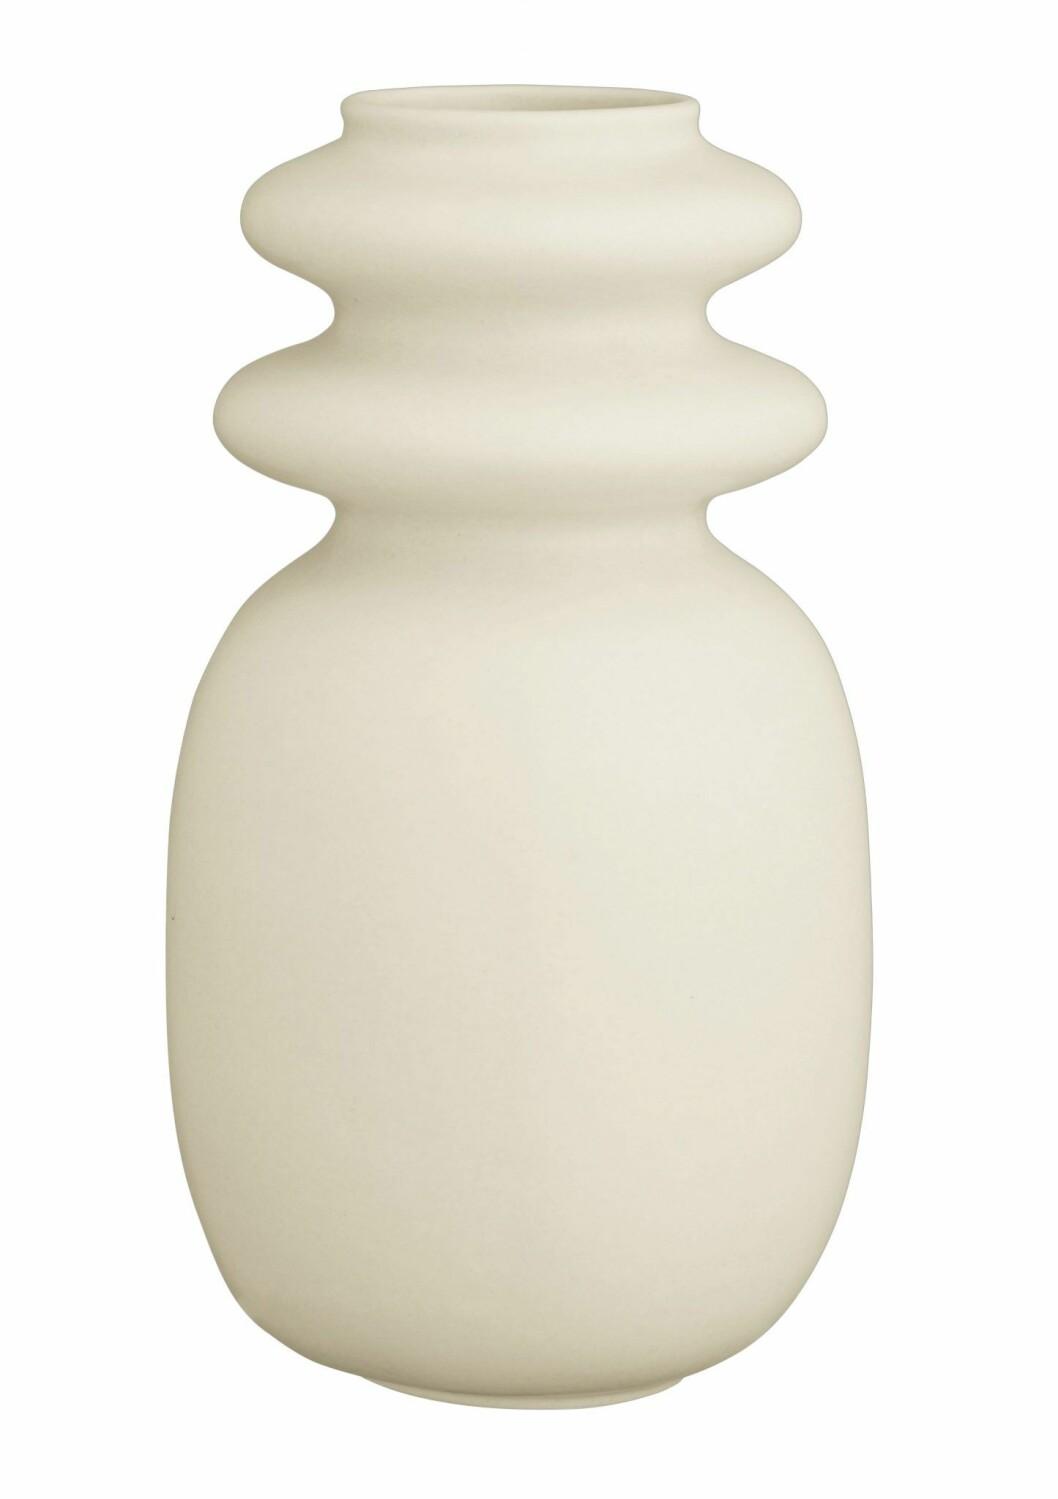 En neutral vas med mjuka kurvor är vasen Kontur vase med design av Turi Heisselberg Pedersen för Kähler.